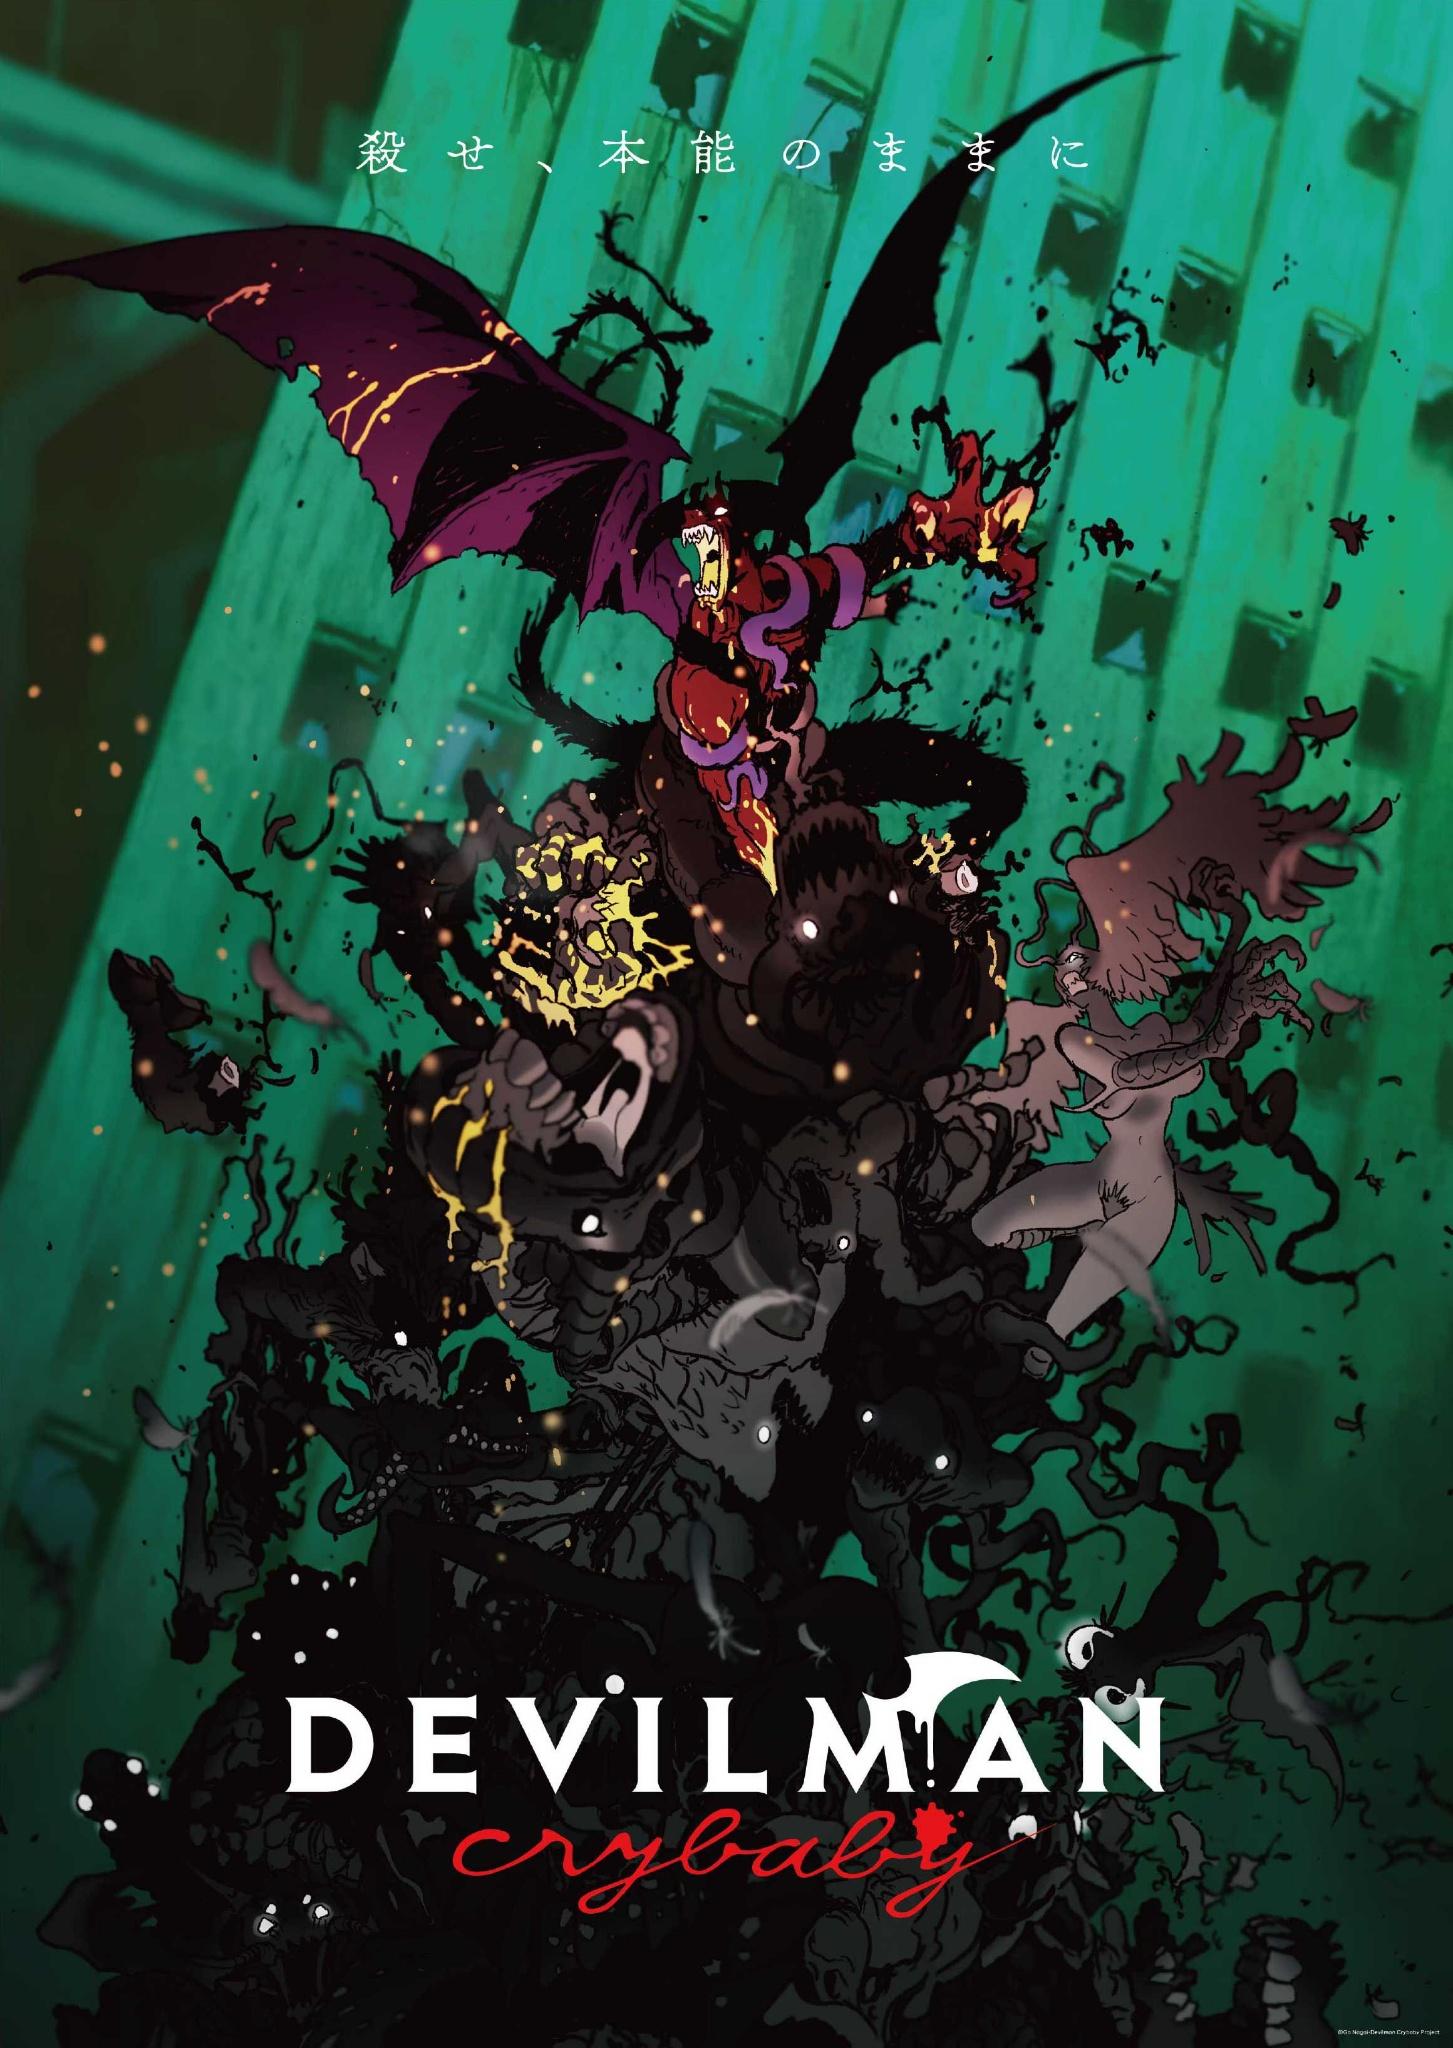 Devilman Crybaby | BDrip | Lat/Cast/Jap+Sub | 10/10| MKV-1080p | x264 Devilman_Crybaby